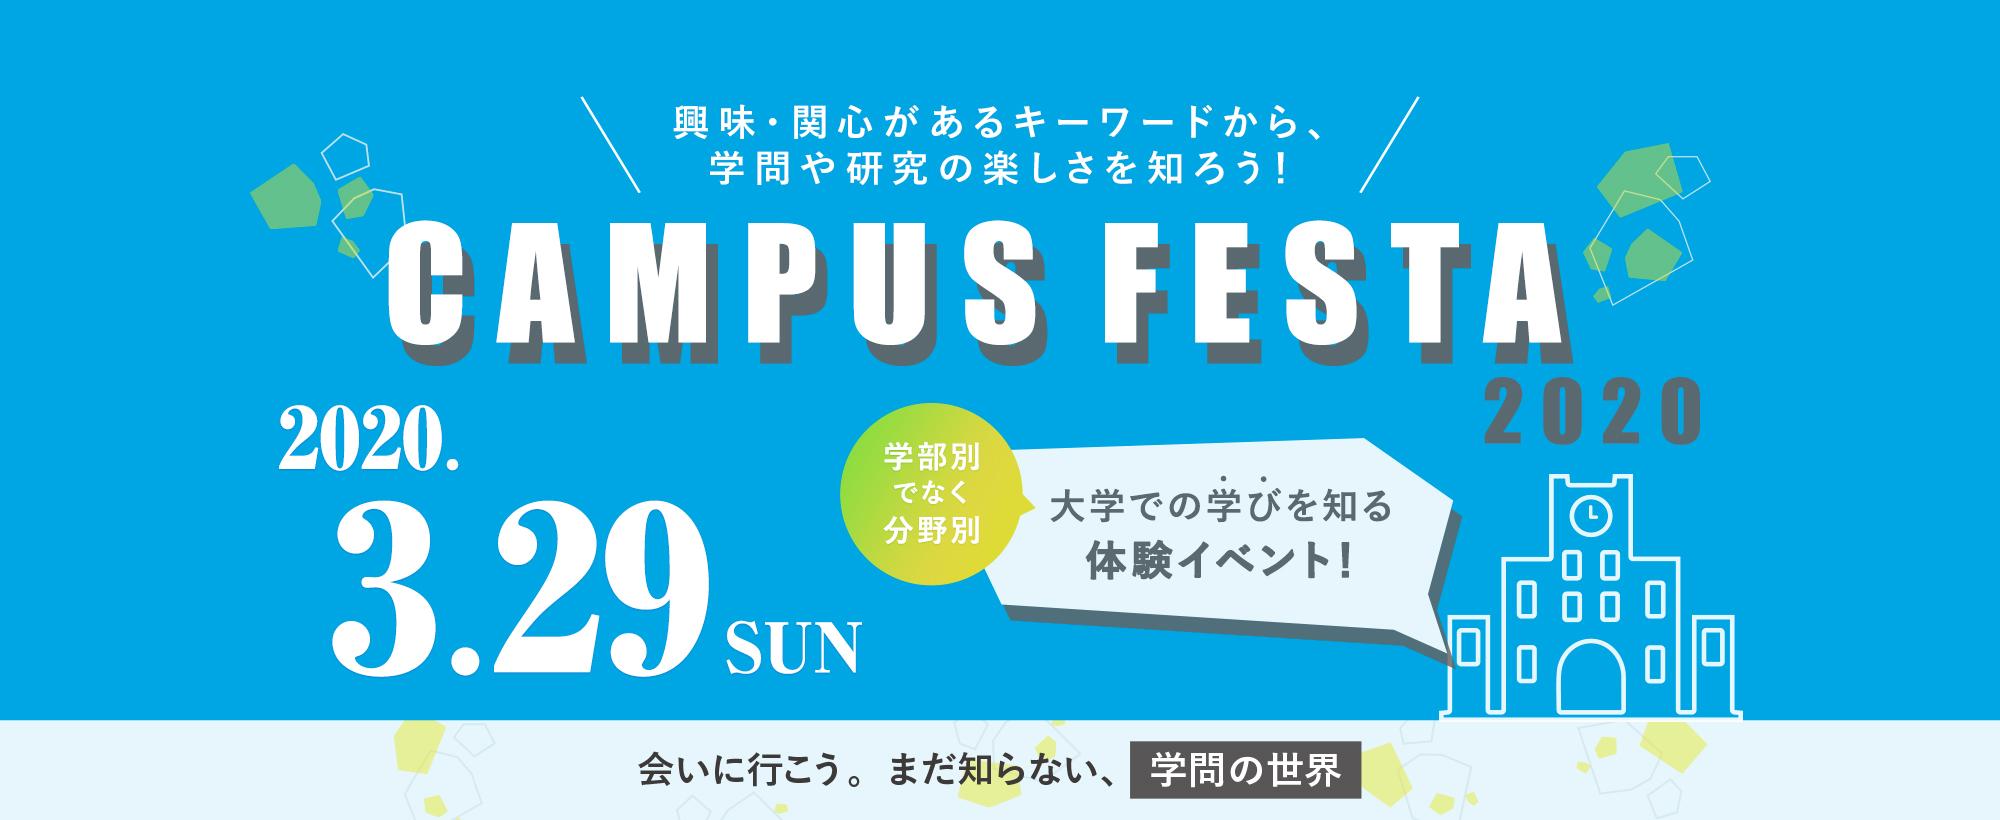 CAMPUS FESTA2020